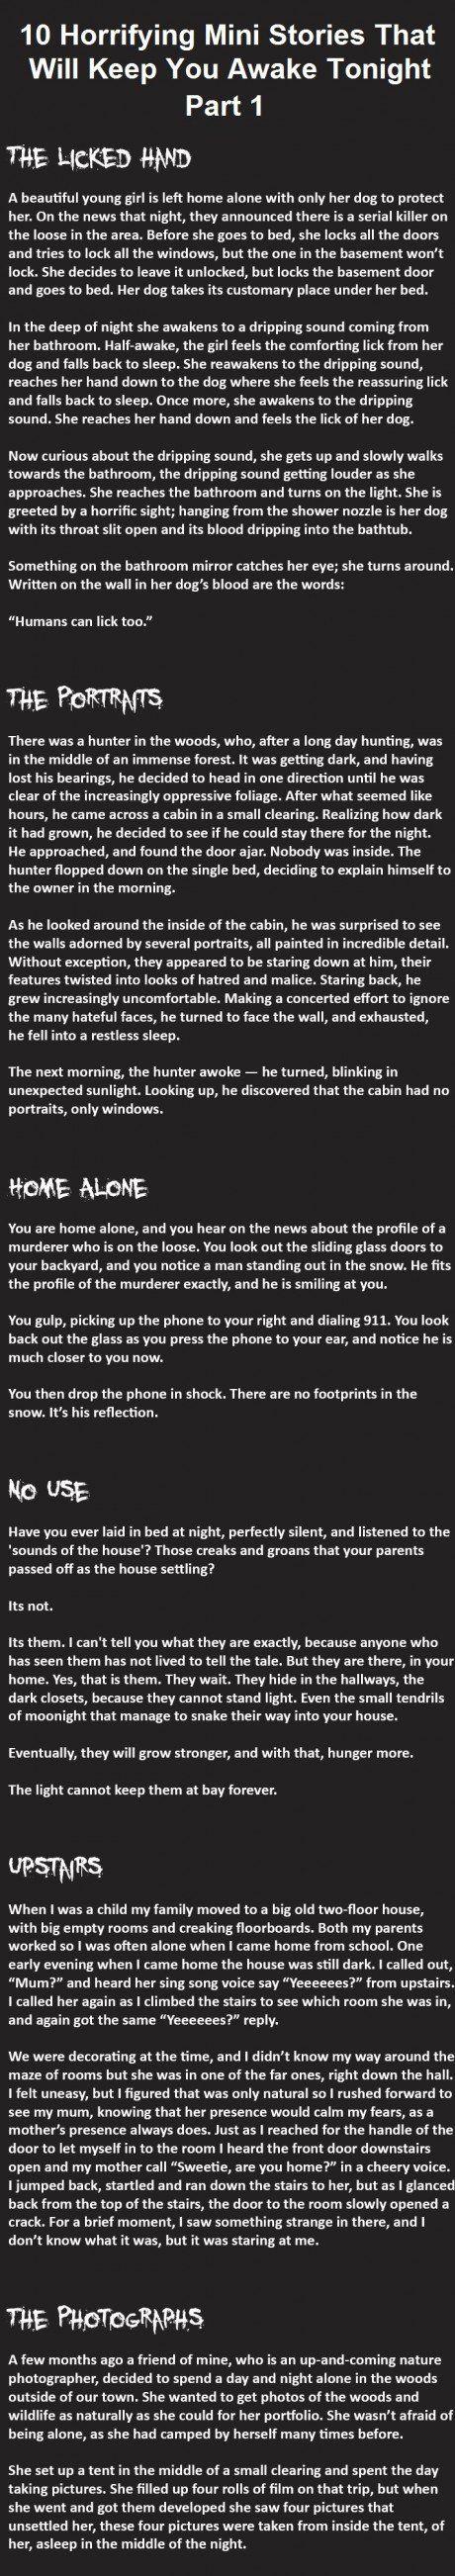 More horrifying stories